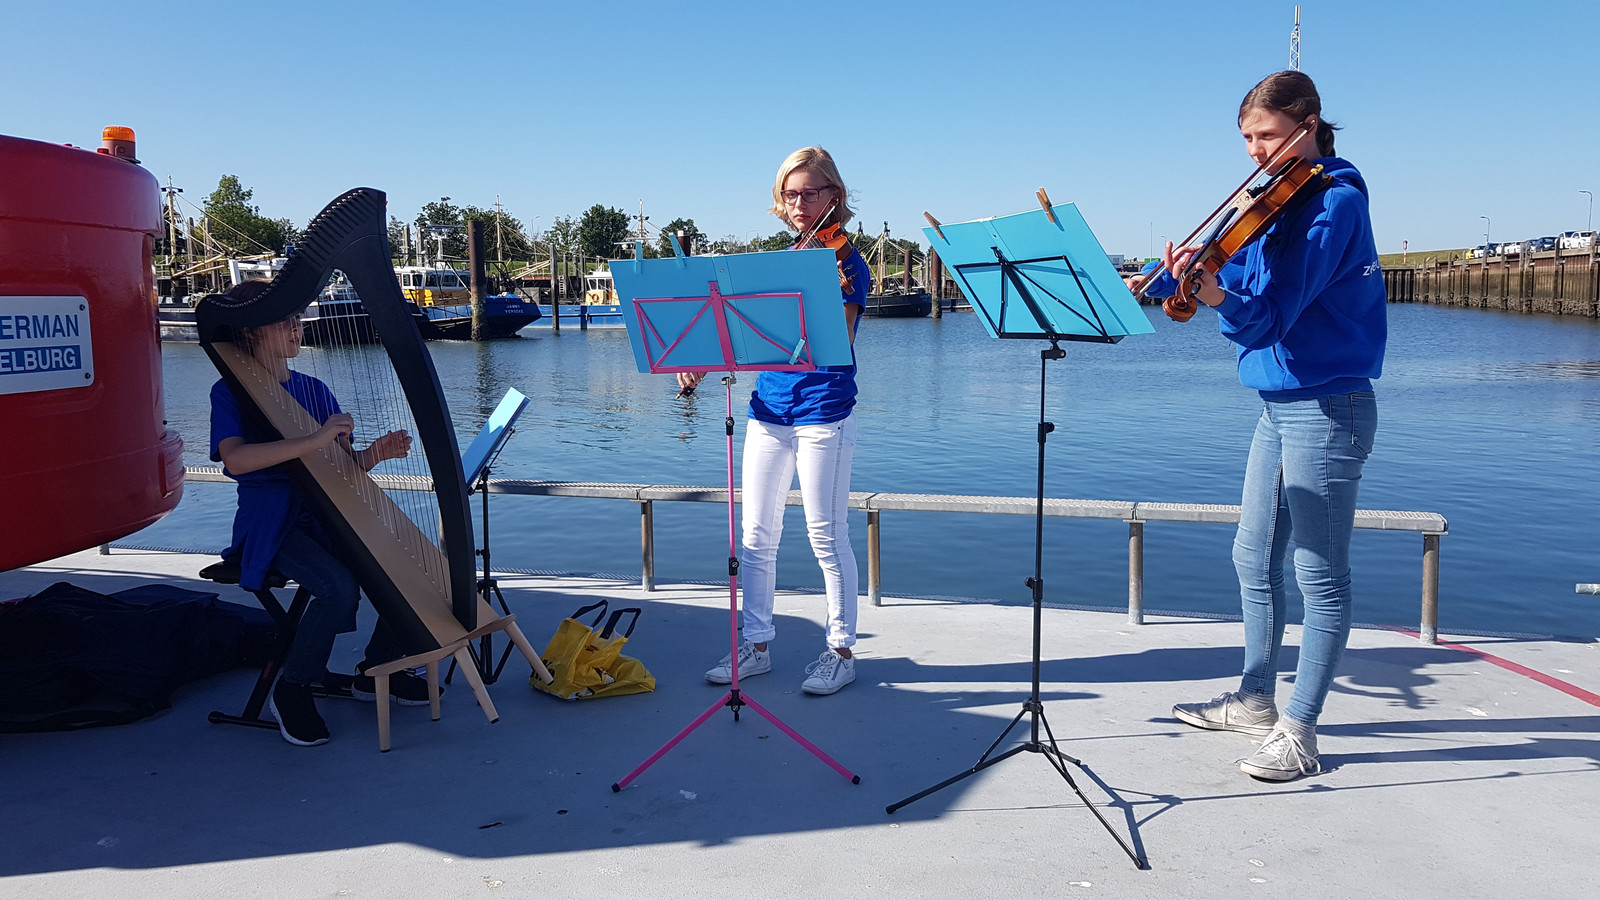 Leden van het Zeeuws Jeugdorkest zorgden voor een muzikale noot.